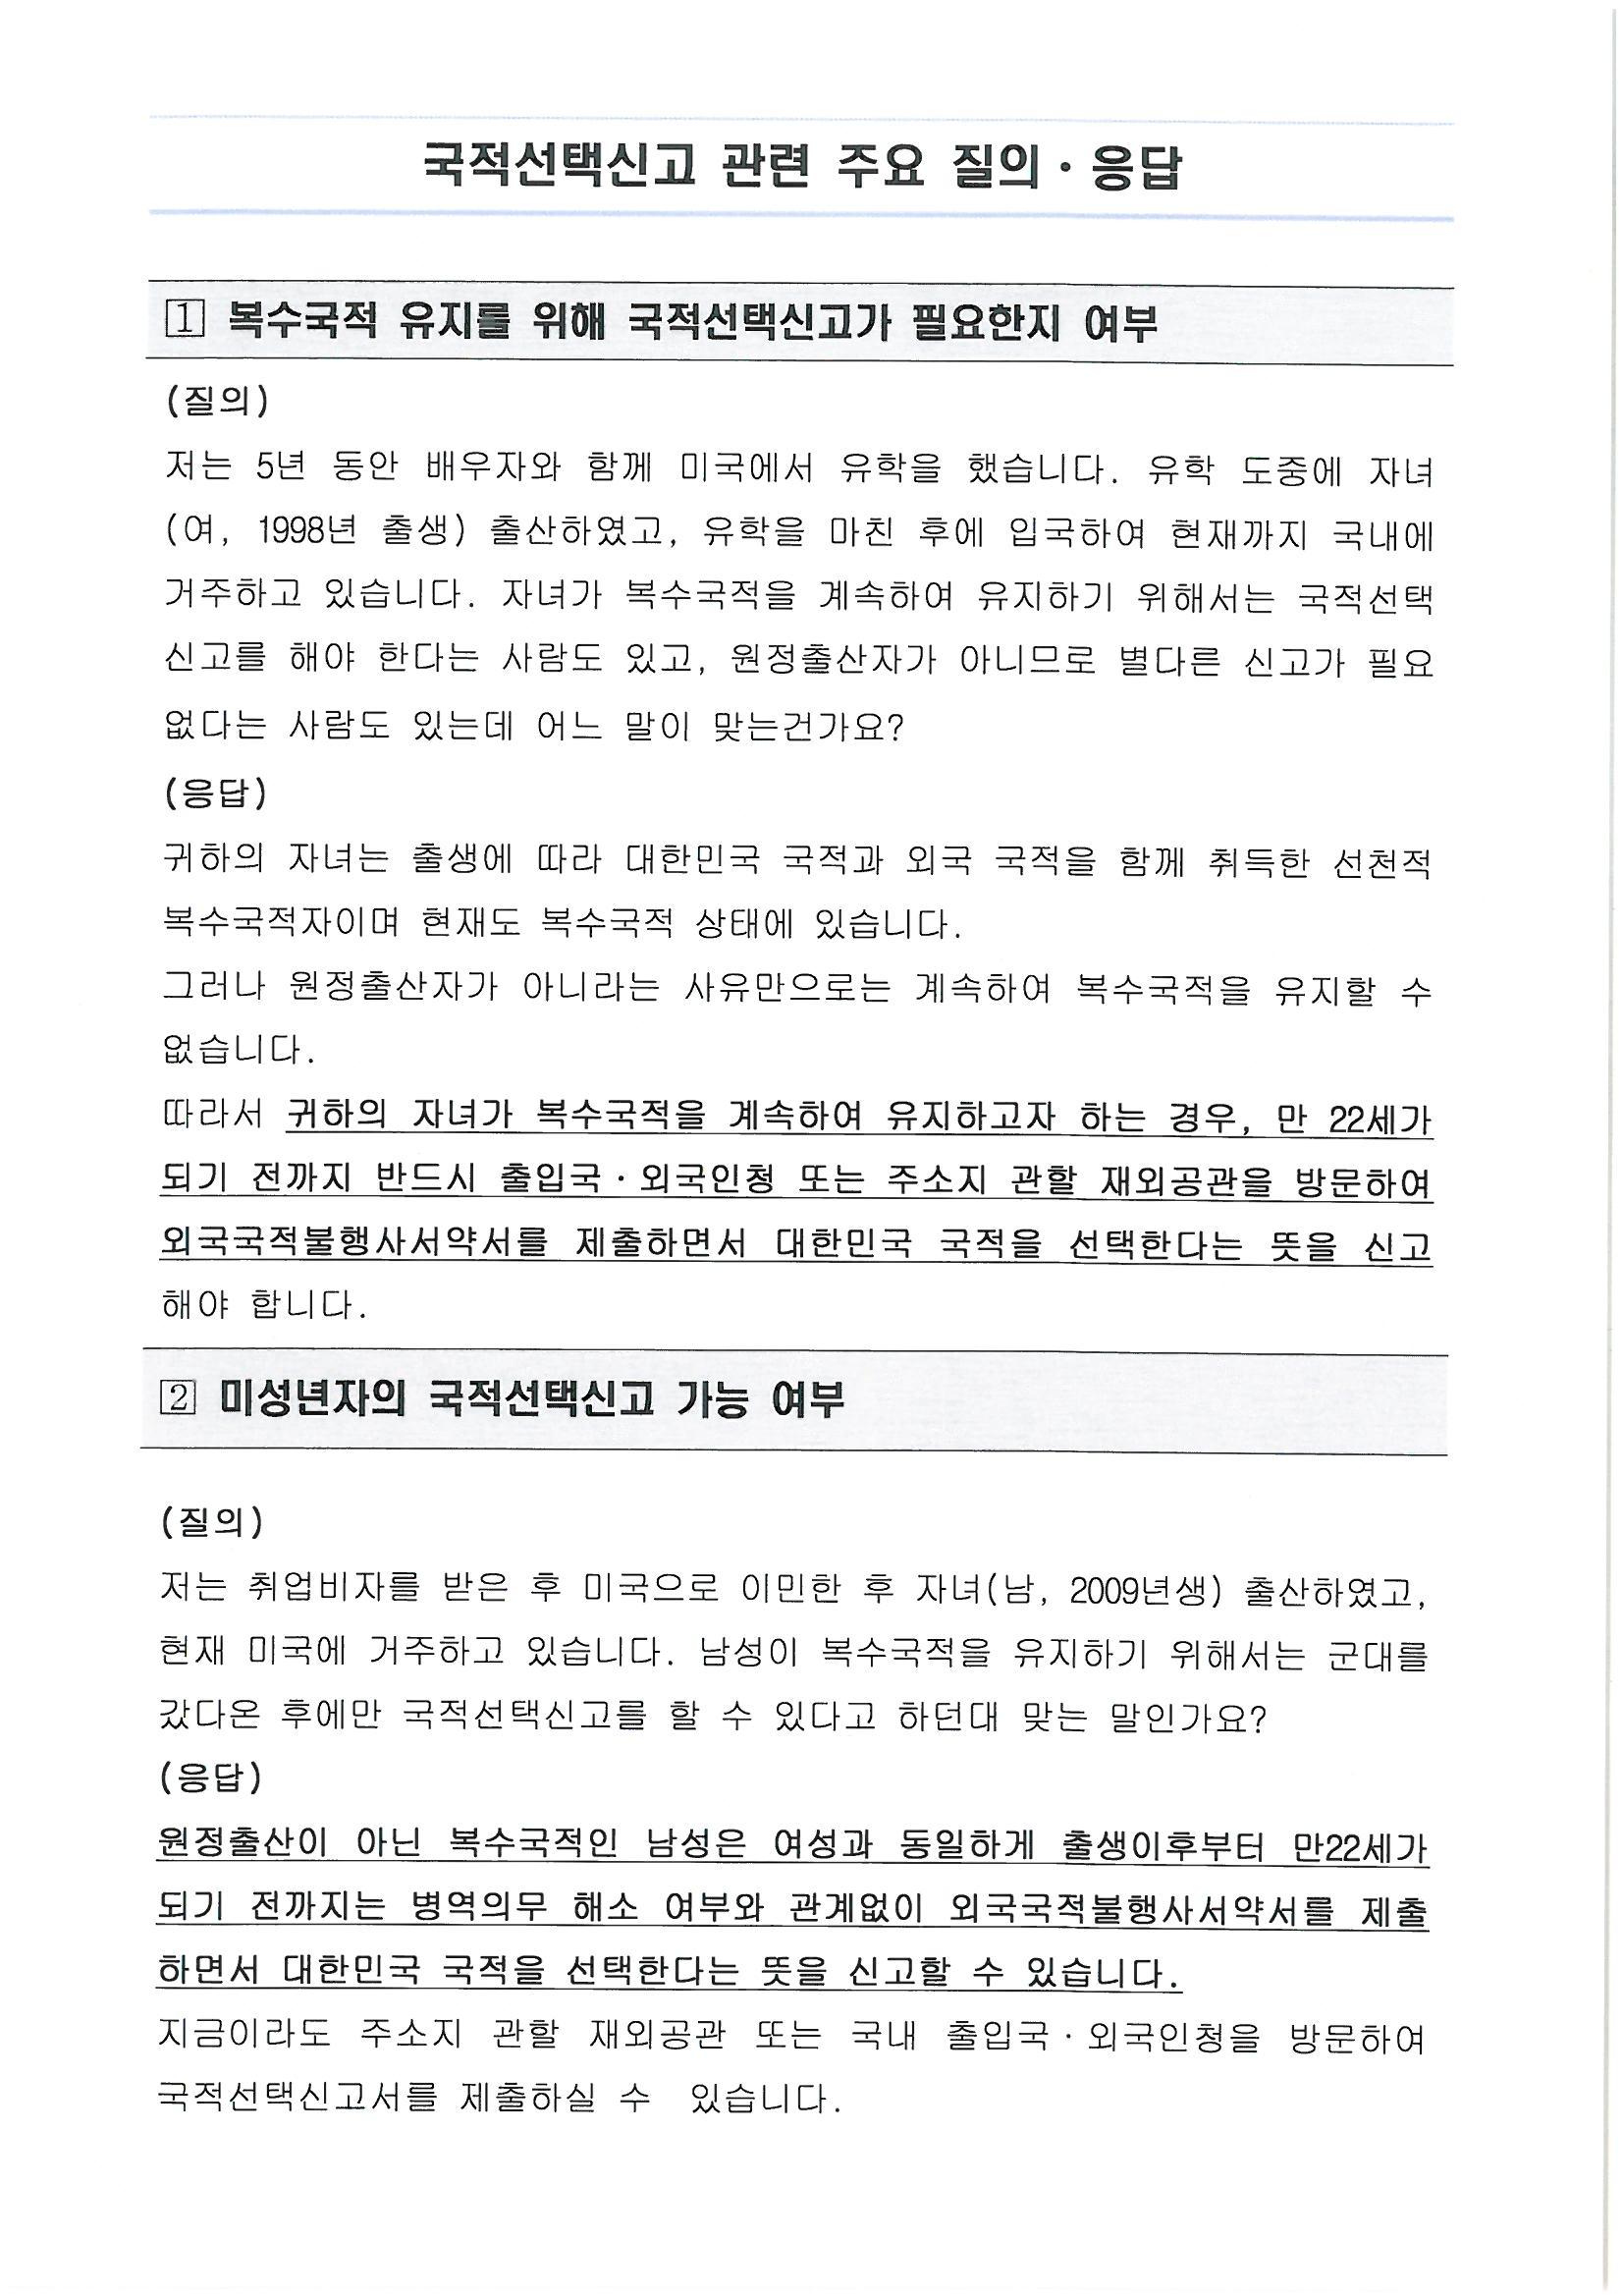 국적선택 홍보 자료(한인회장님)_페이지_02.jpg